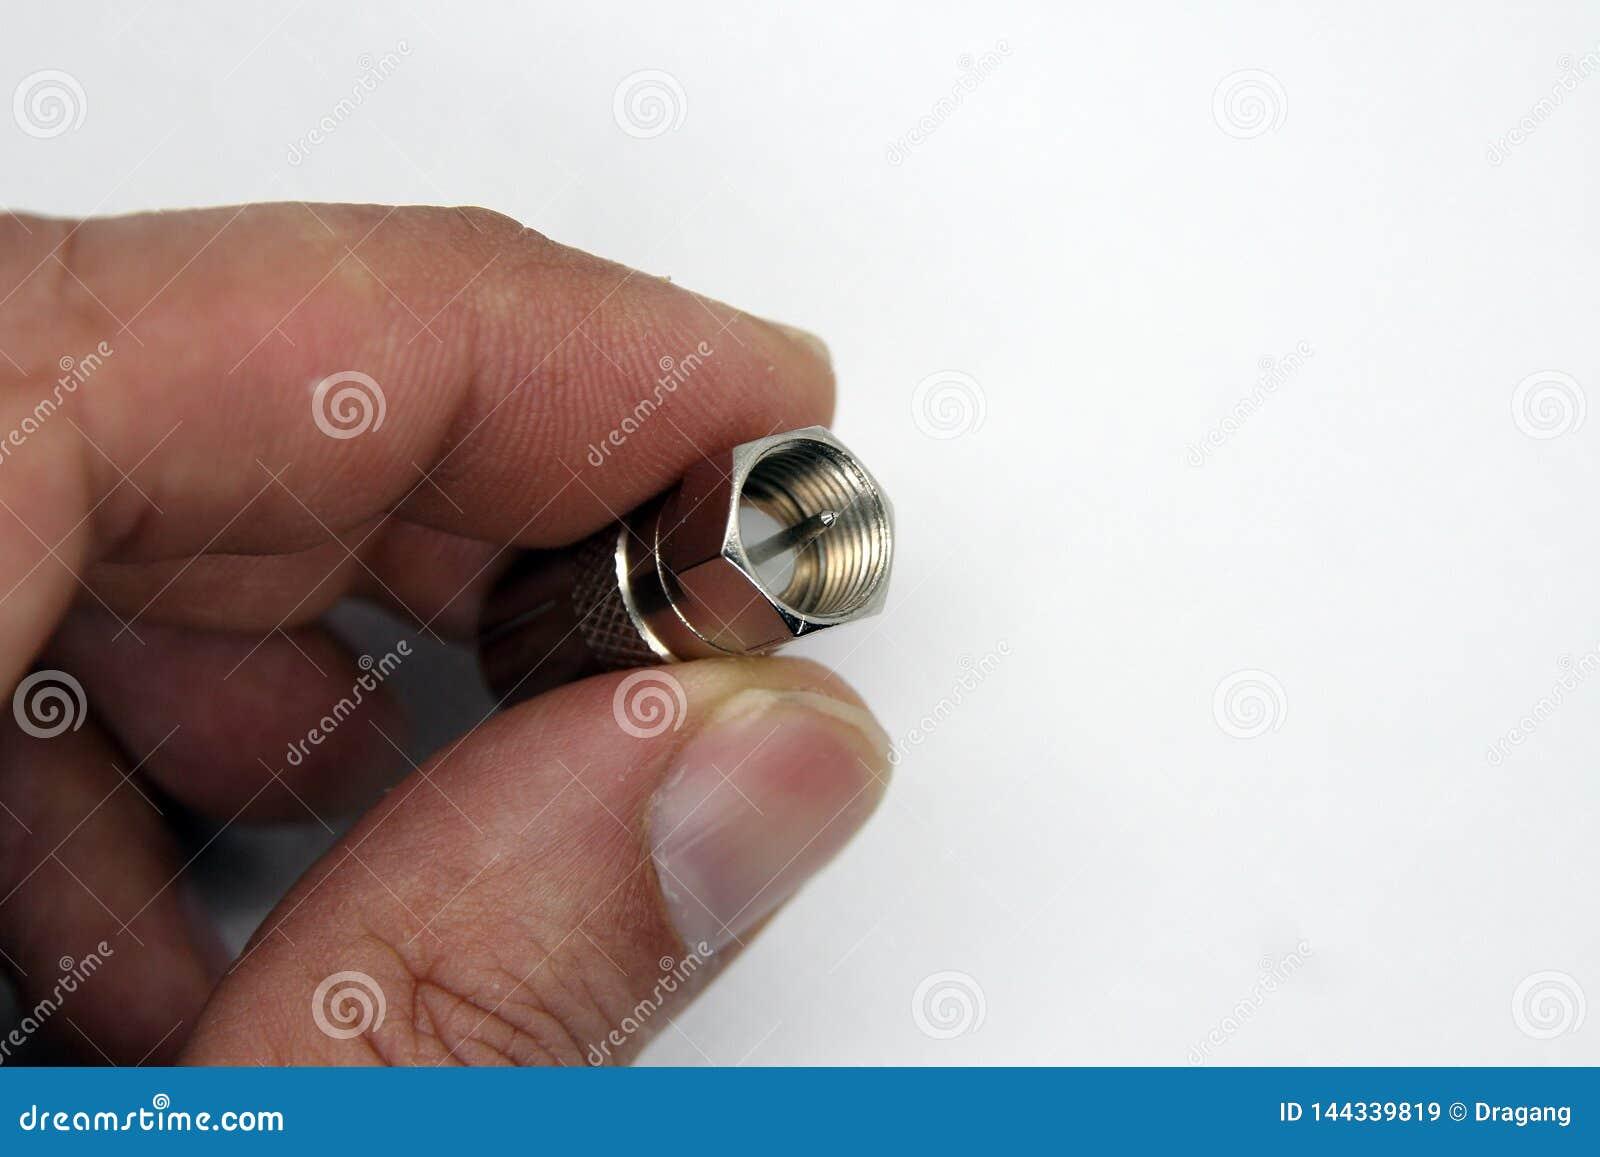 Współosiowego kabla dźwigarka Anteny kablowa dźwigarka